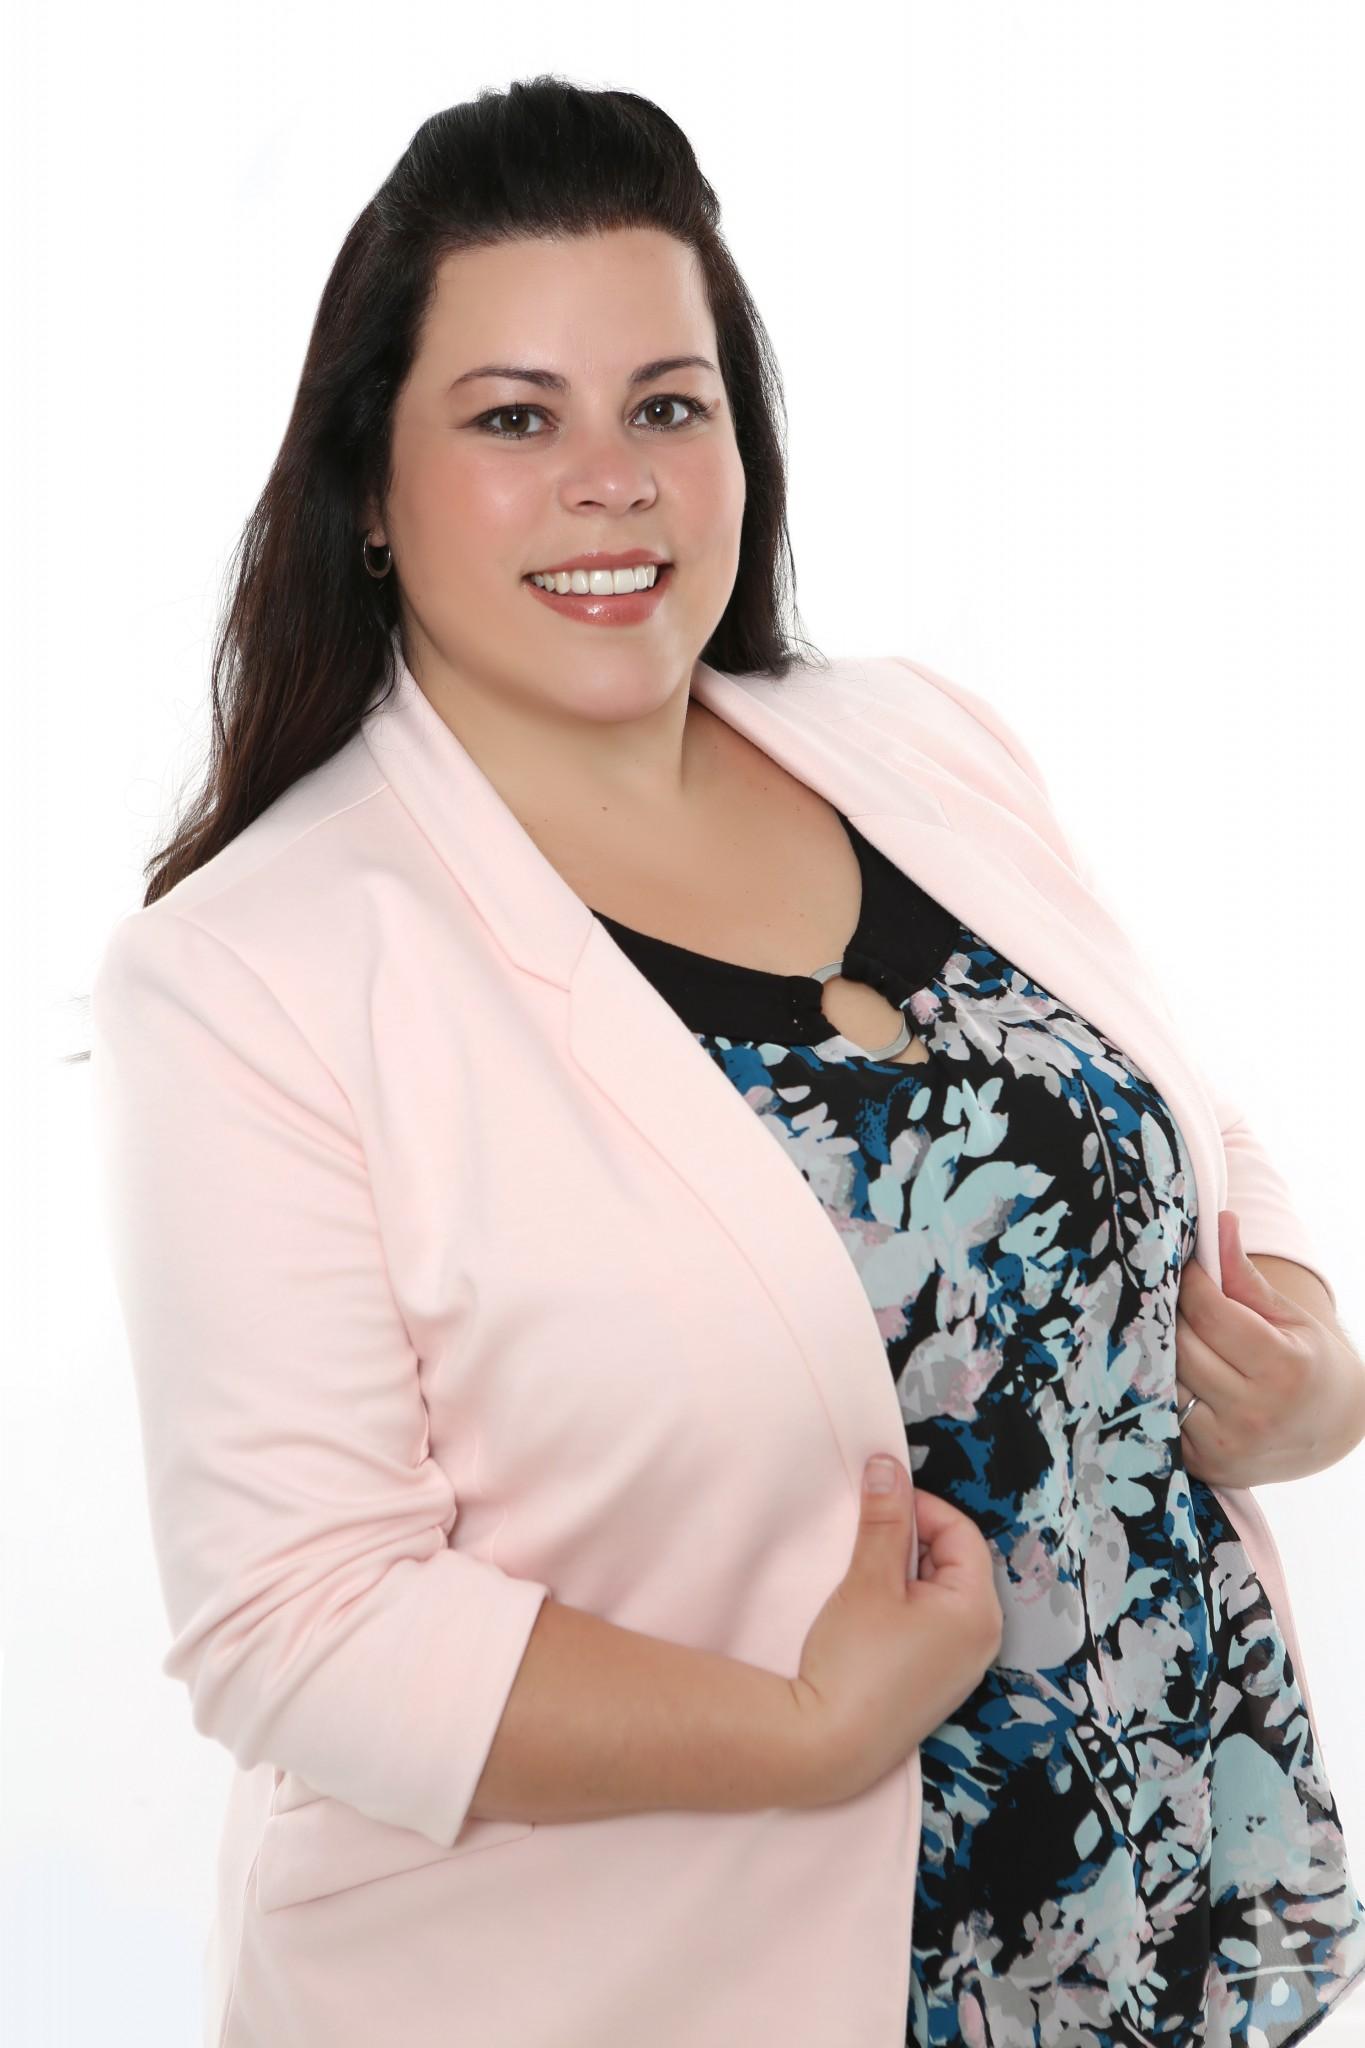 Jessica Carreiro